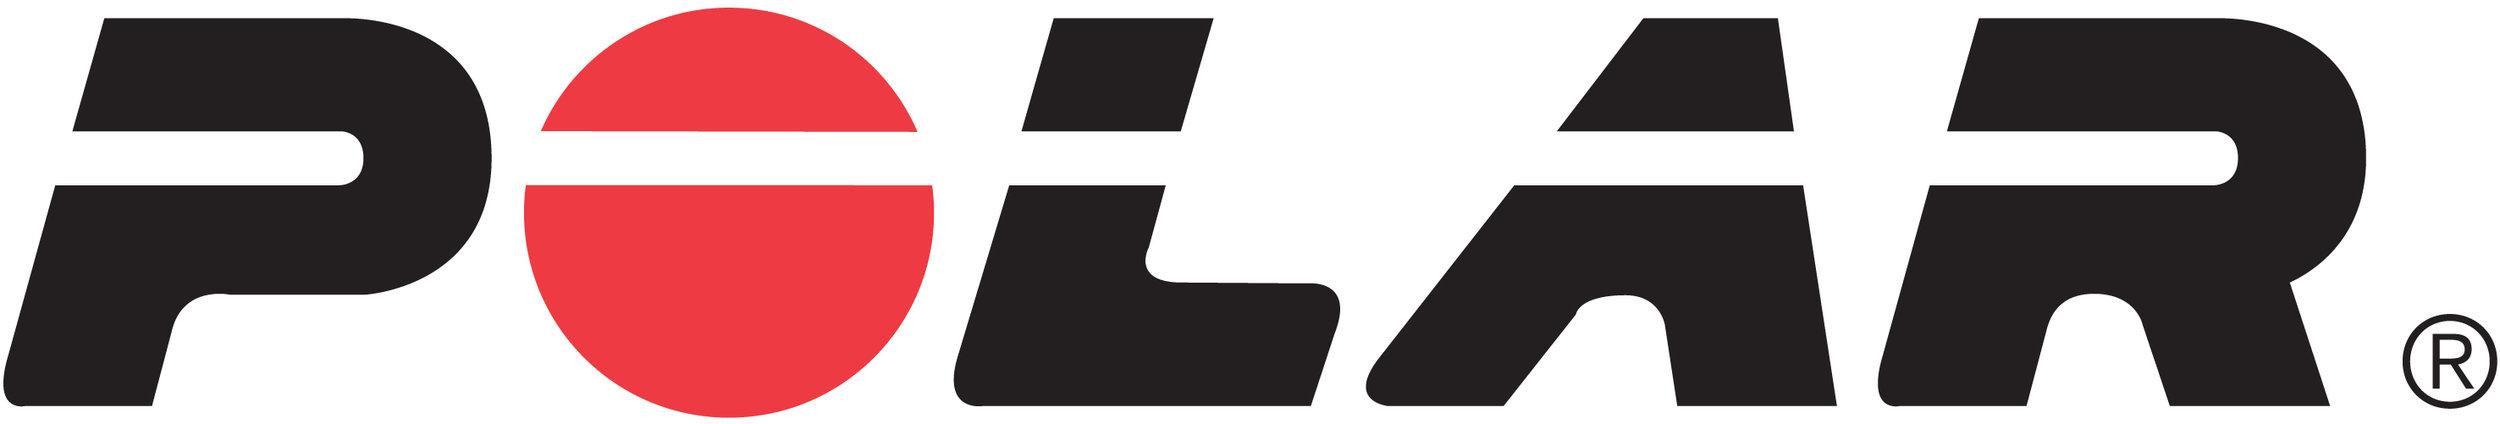 Polar-logo.jpg